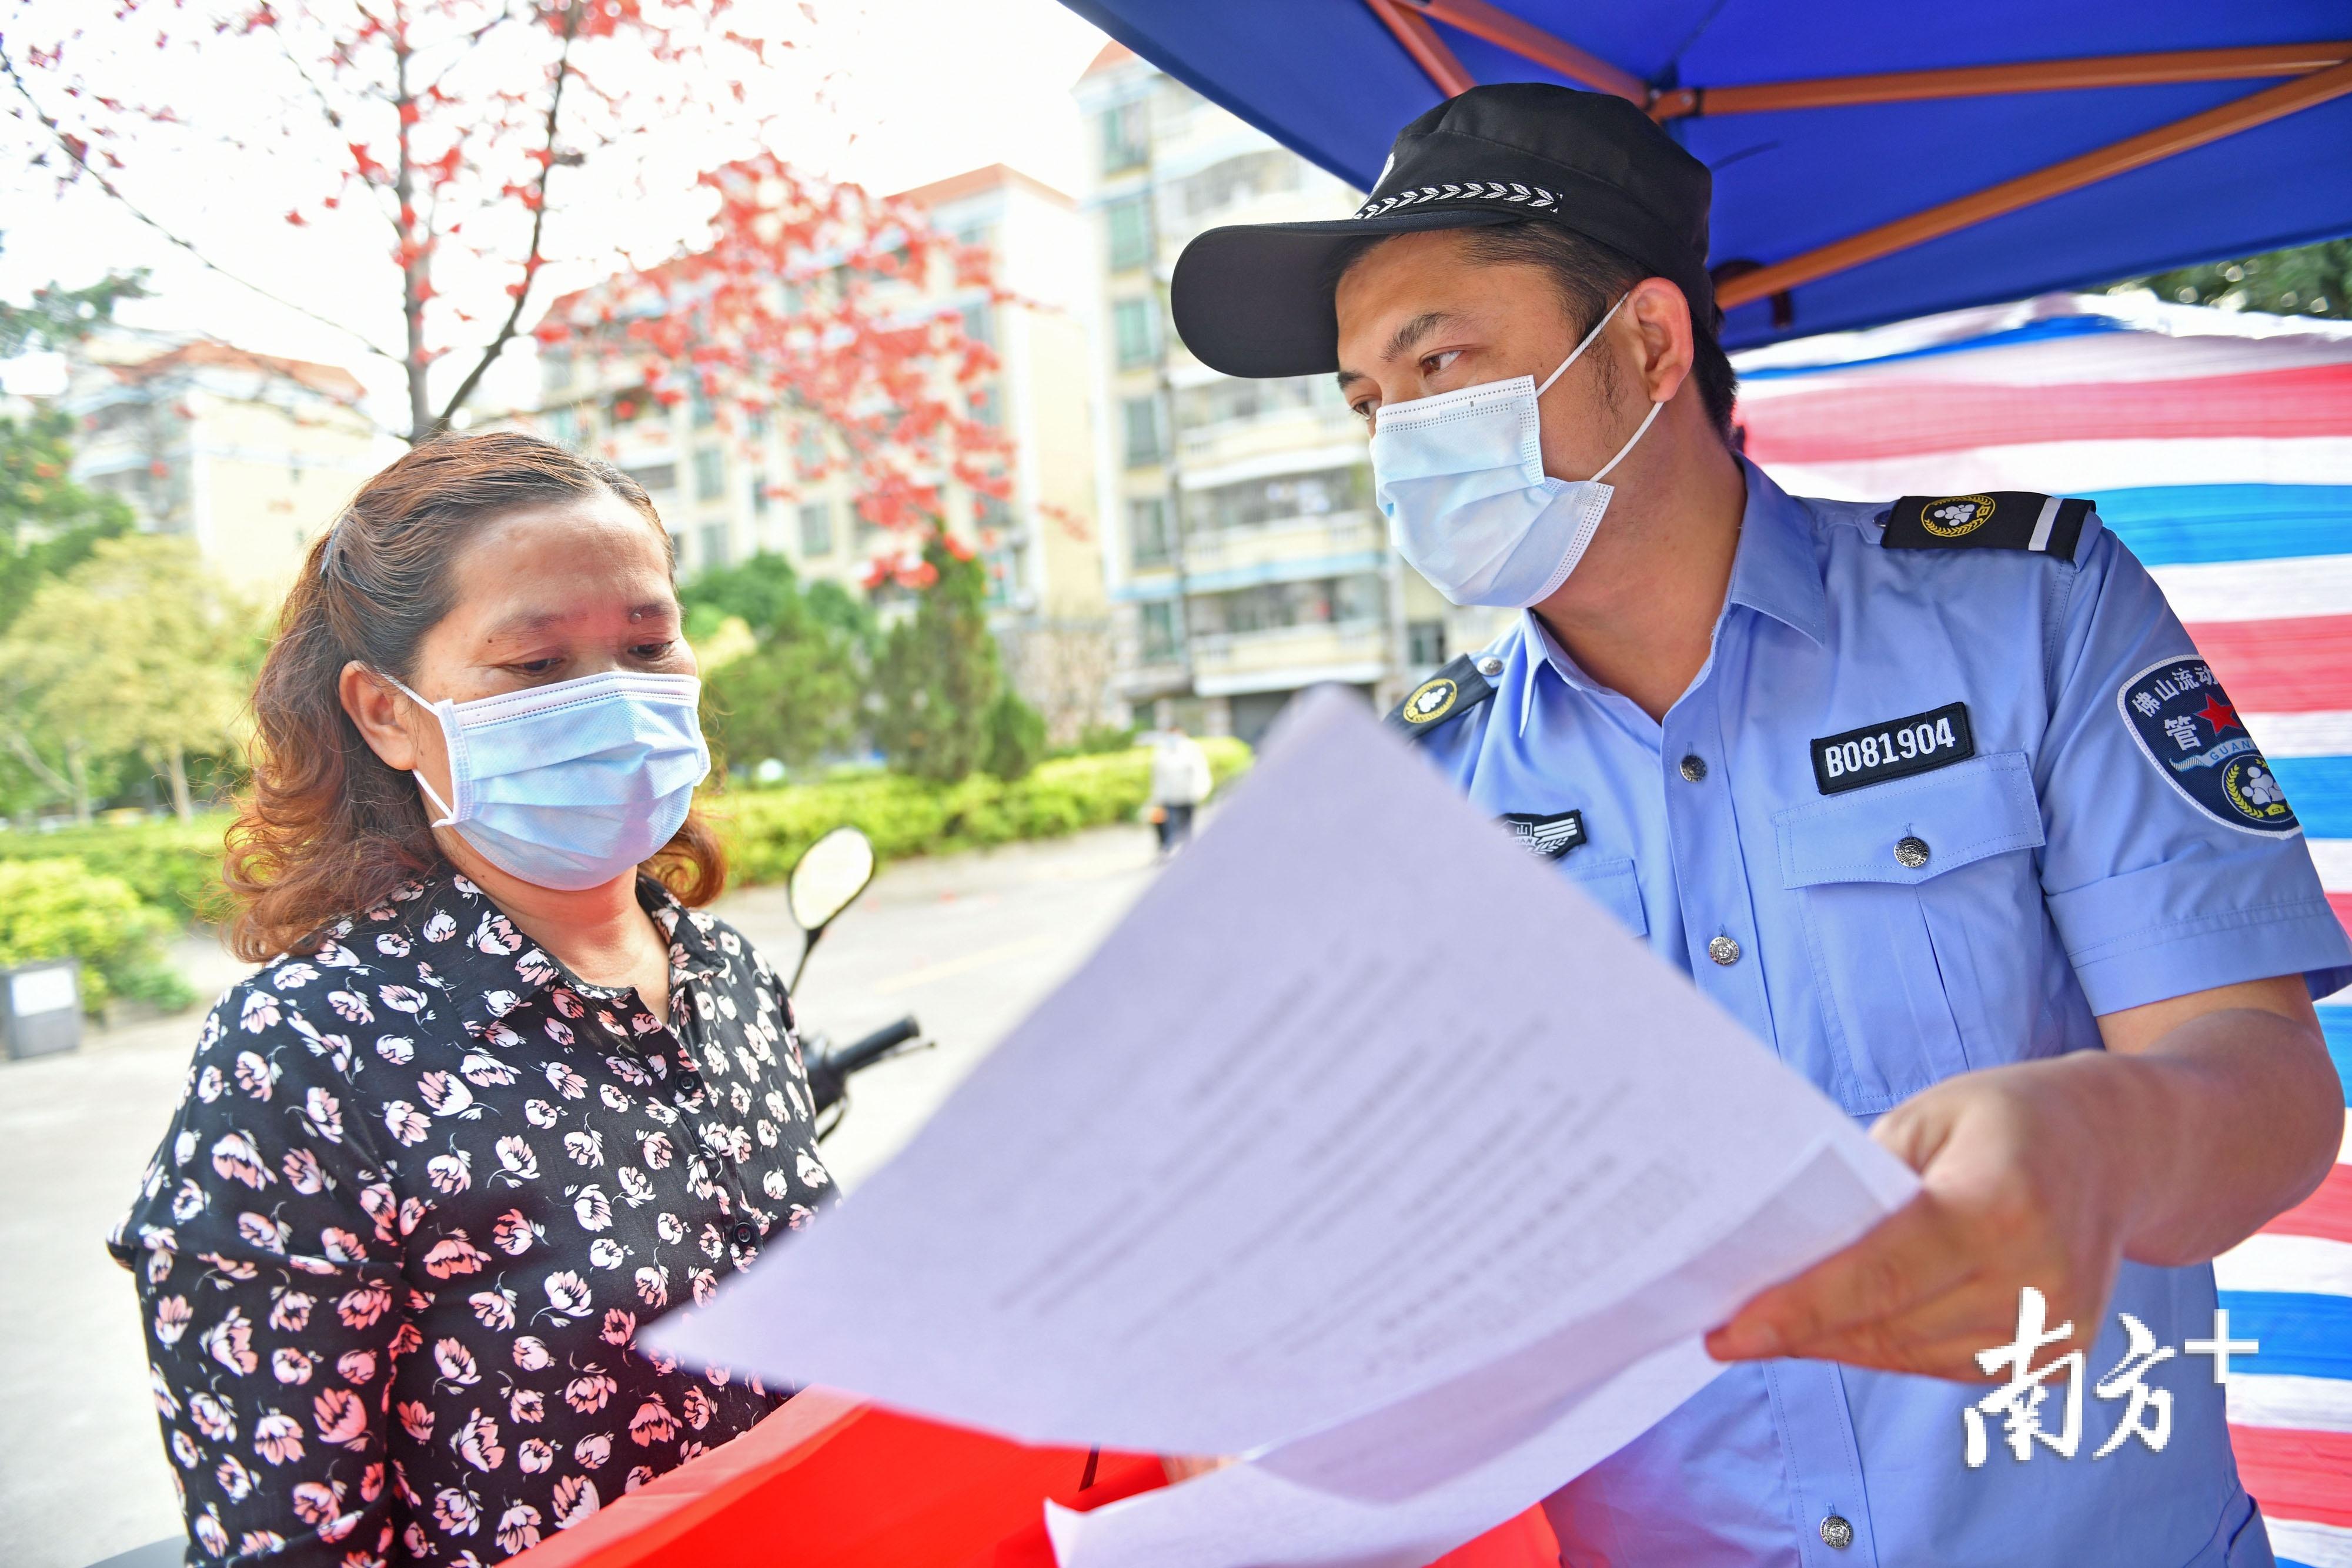 南海沙涌社区流管冯俊龙每天驻守社区,耐心为居民讲解疫情防控的注意事项。南方日报记者 戴嘉信 摄